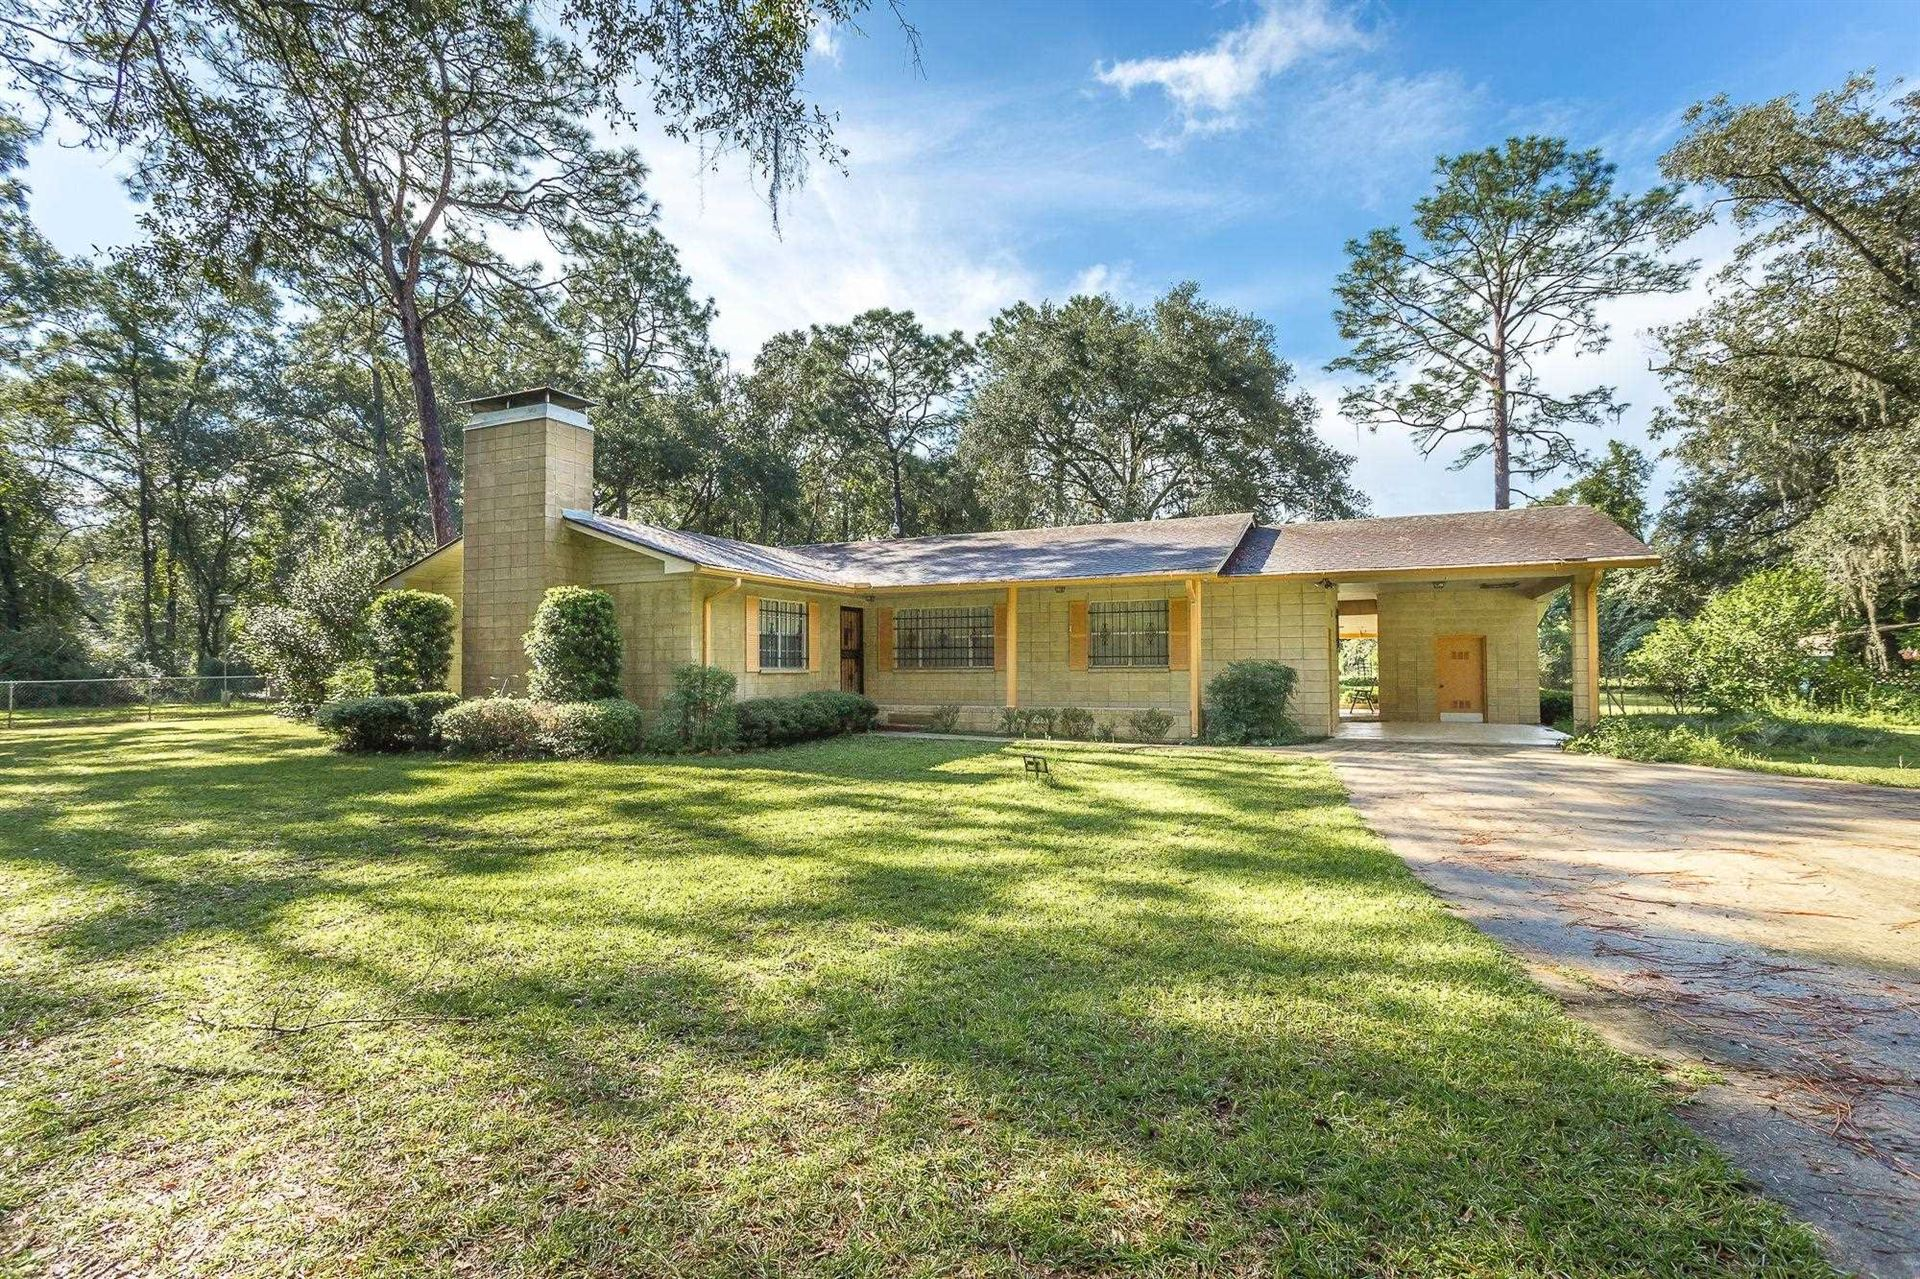 1767 W Oak Ridge Road, Tallahassee, FL 32305 - MLS#: 337464